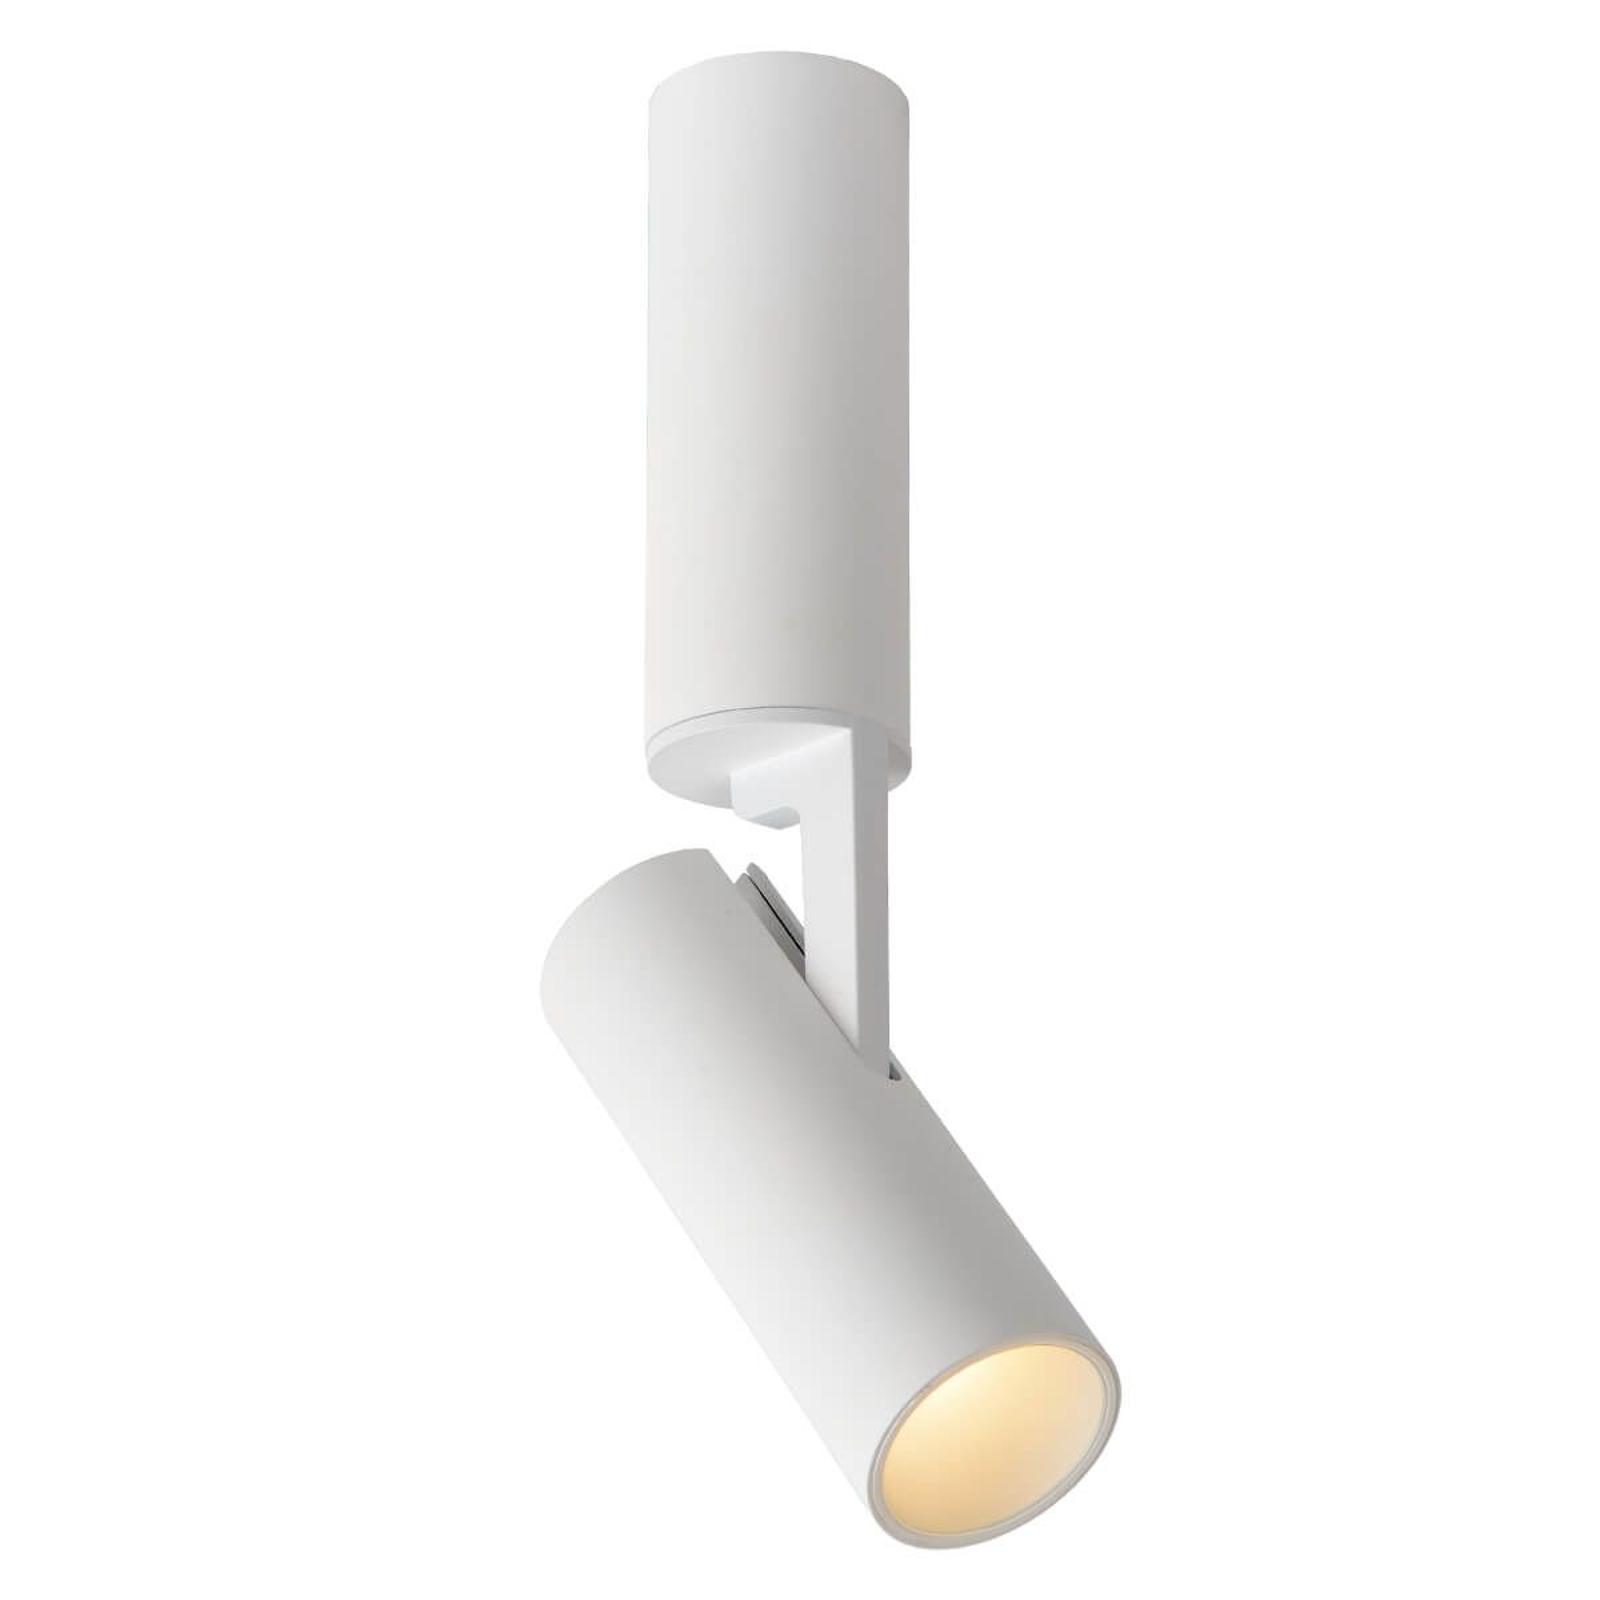 Spot LED Greg en blanc